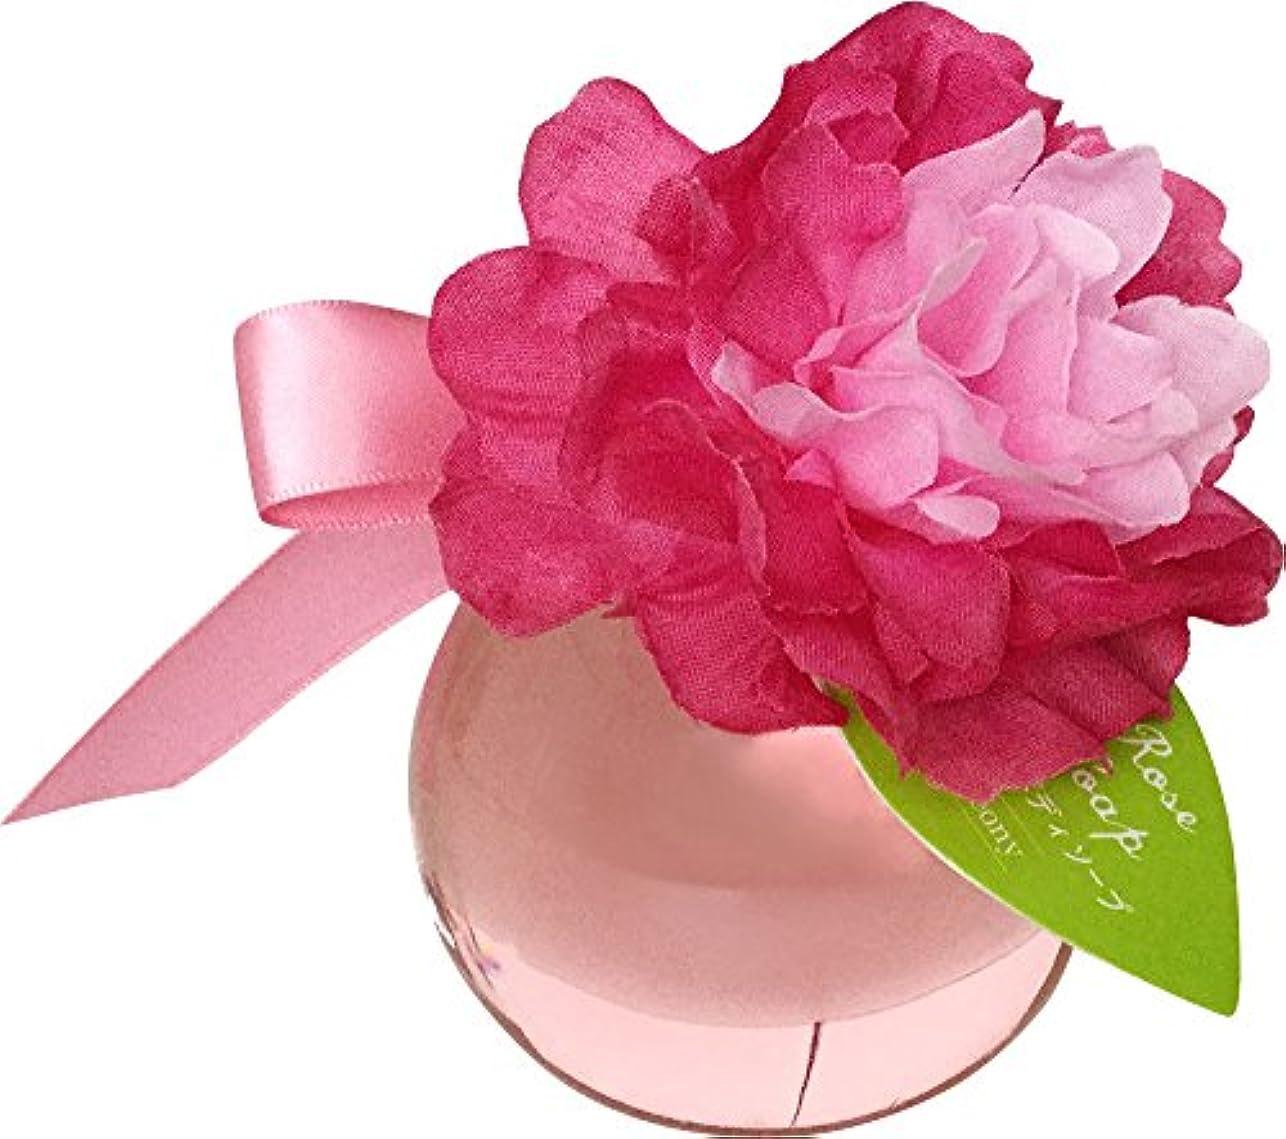 アサートメアリアンジョーンズタヒチチャーリー スイートローズバブルバス 入浴剤 2種 (ピンク(60318))